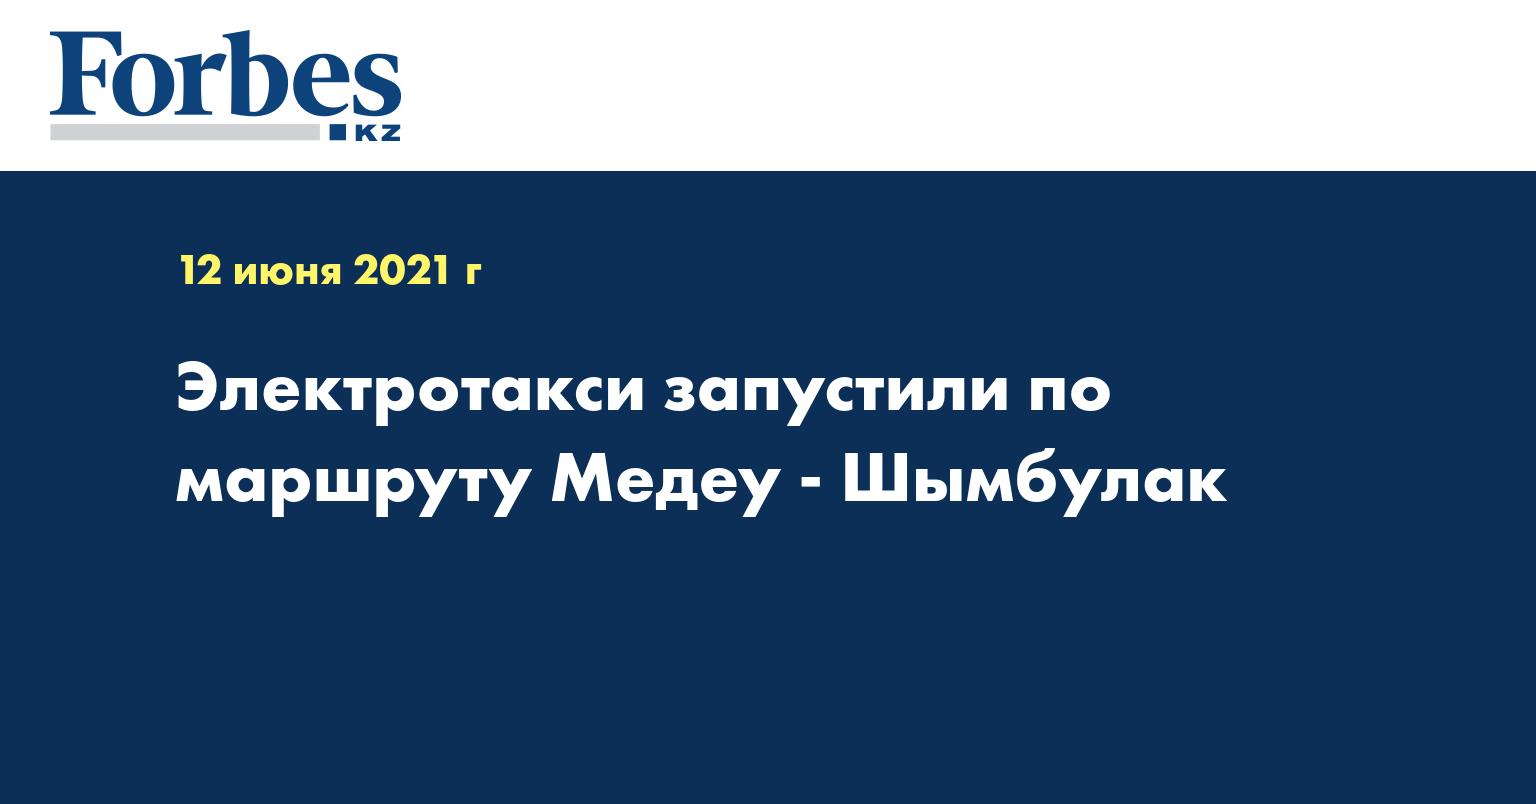 Электротакси запустили по маршруту Медеу - Шымбулак